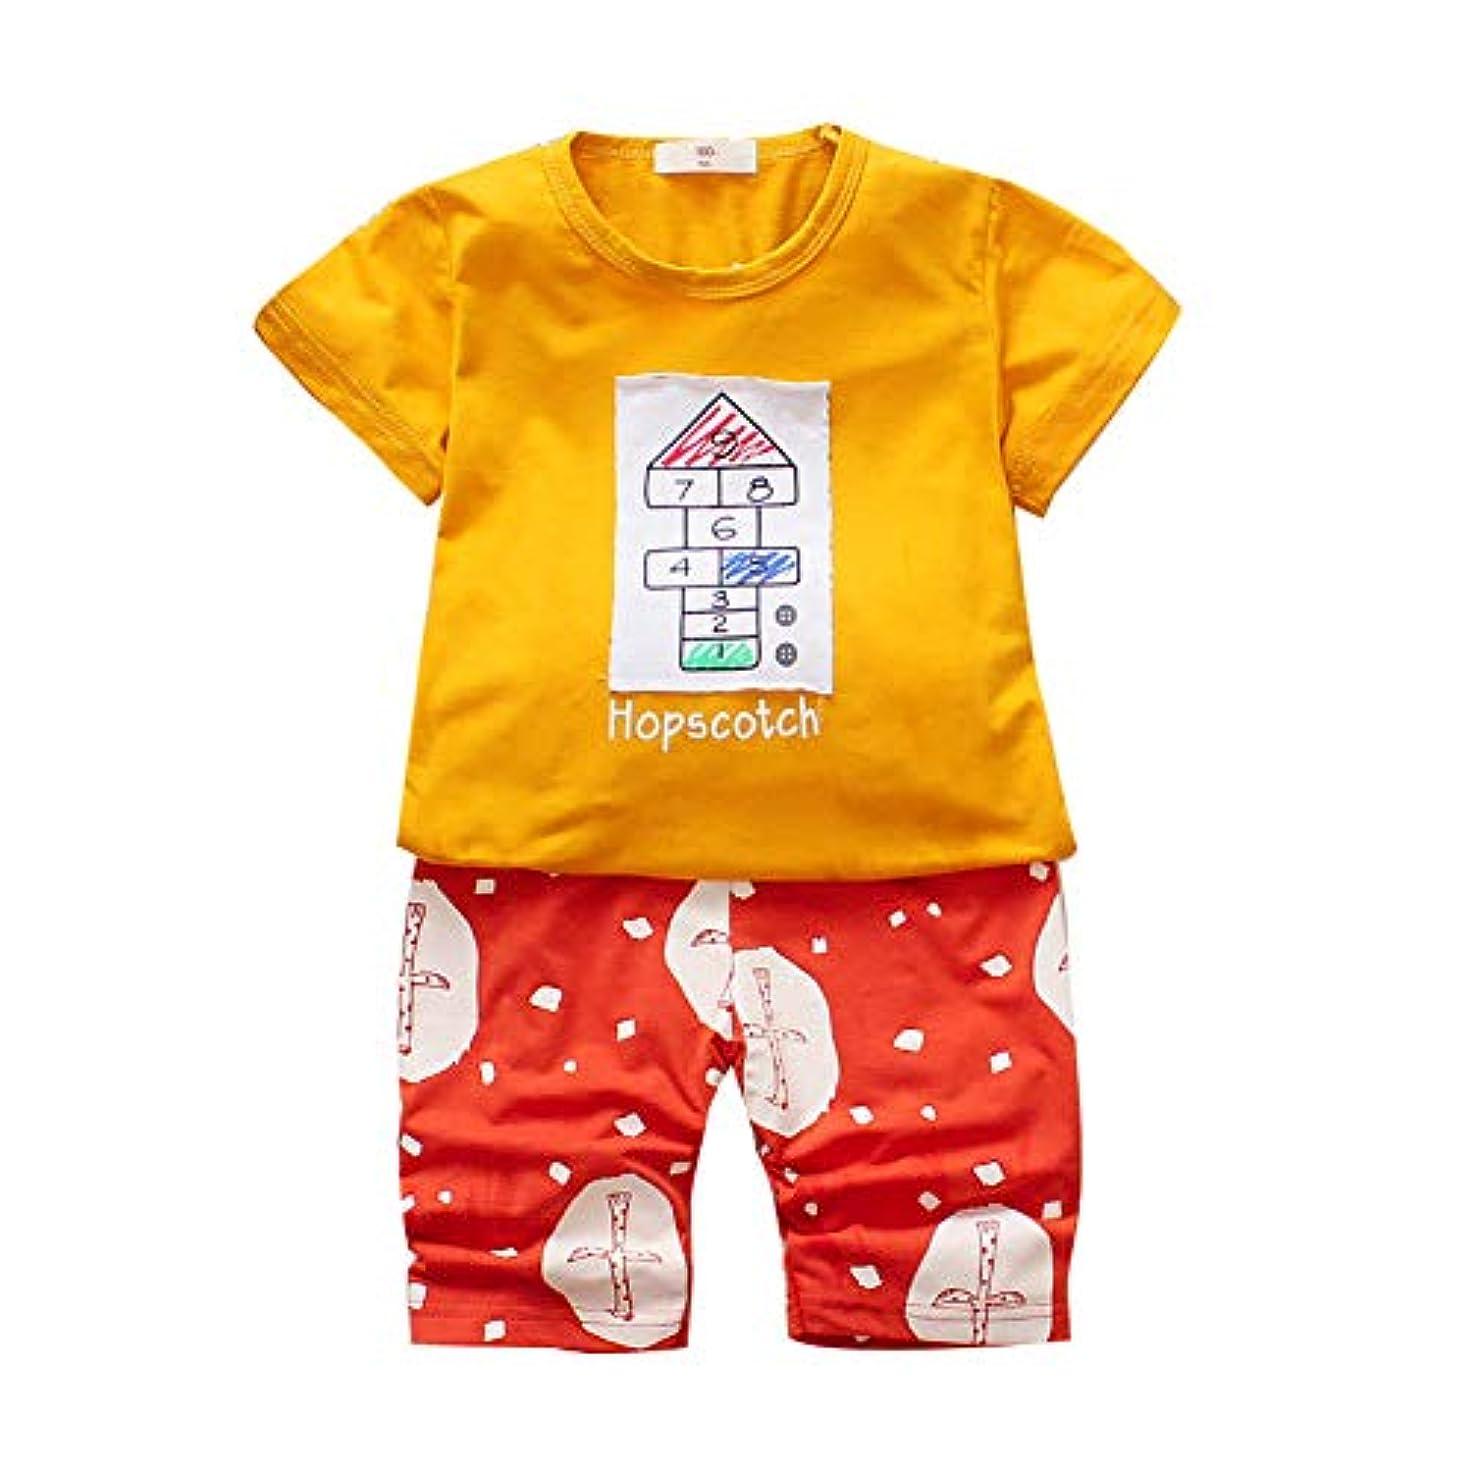 ジョージスティーブンソン作動するマージRad子供 夏の赤ちゃん男の子半袖ブロックプリントTシャツトップス+花柄ショートパンツカジュアルスーツコスチュームセット